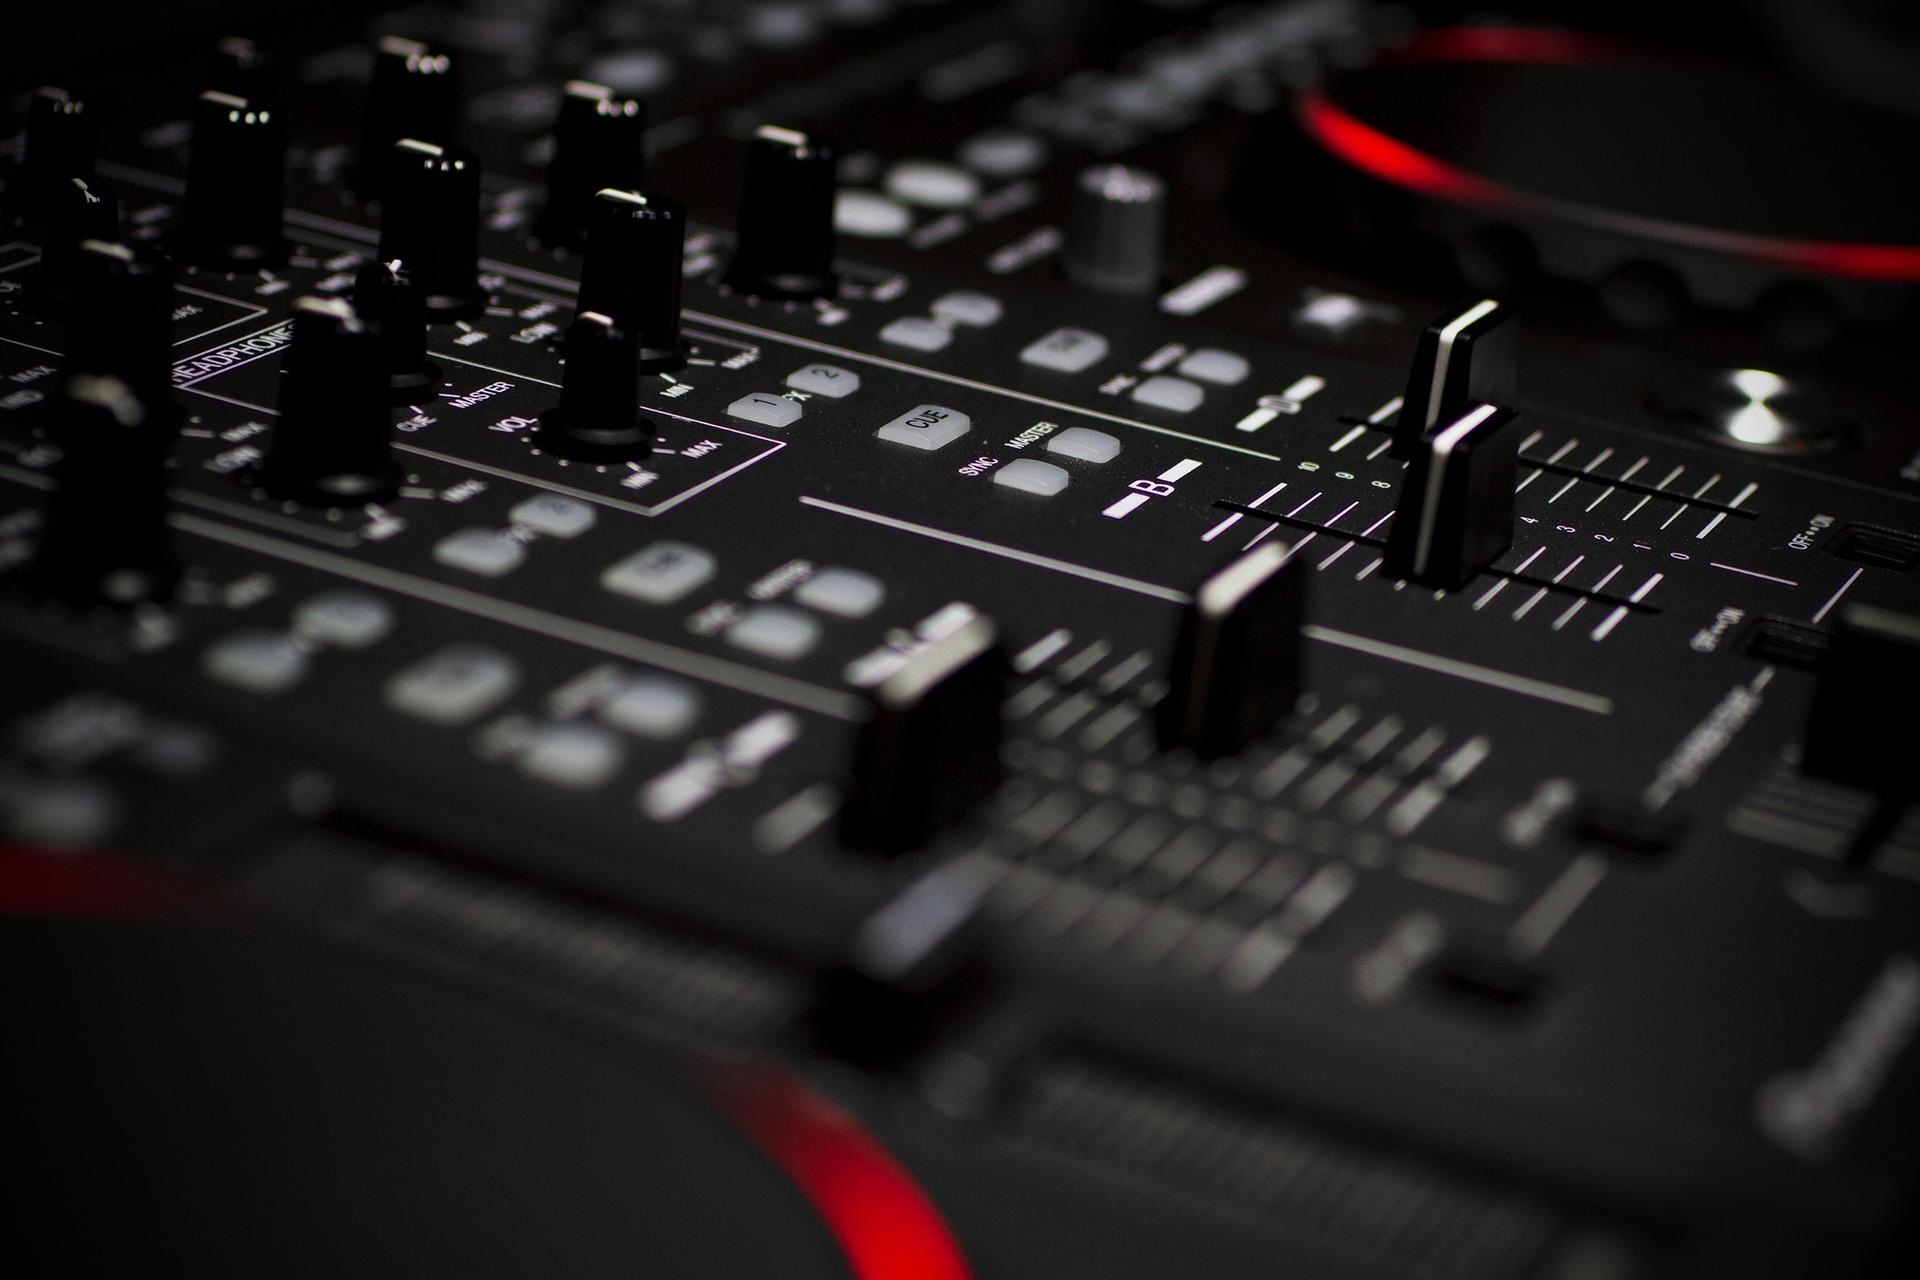 mixingconsoles-1512646671858-7570